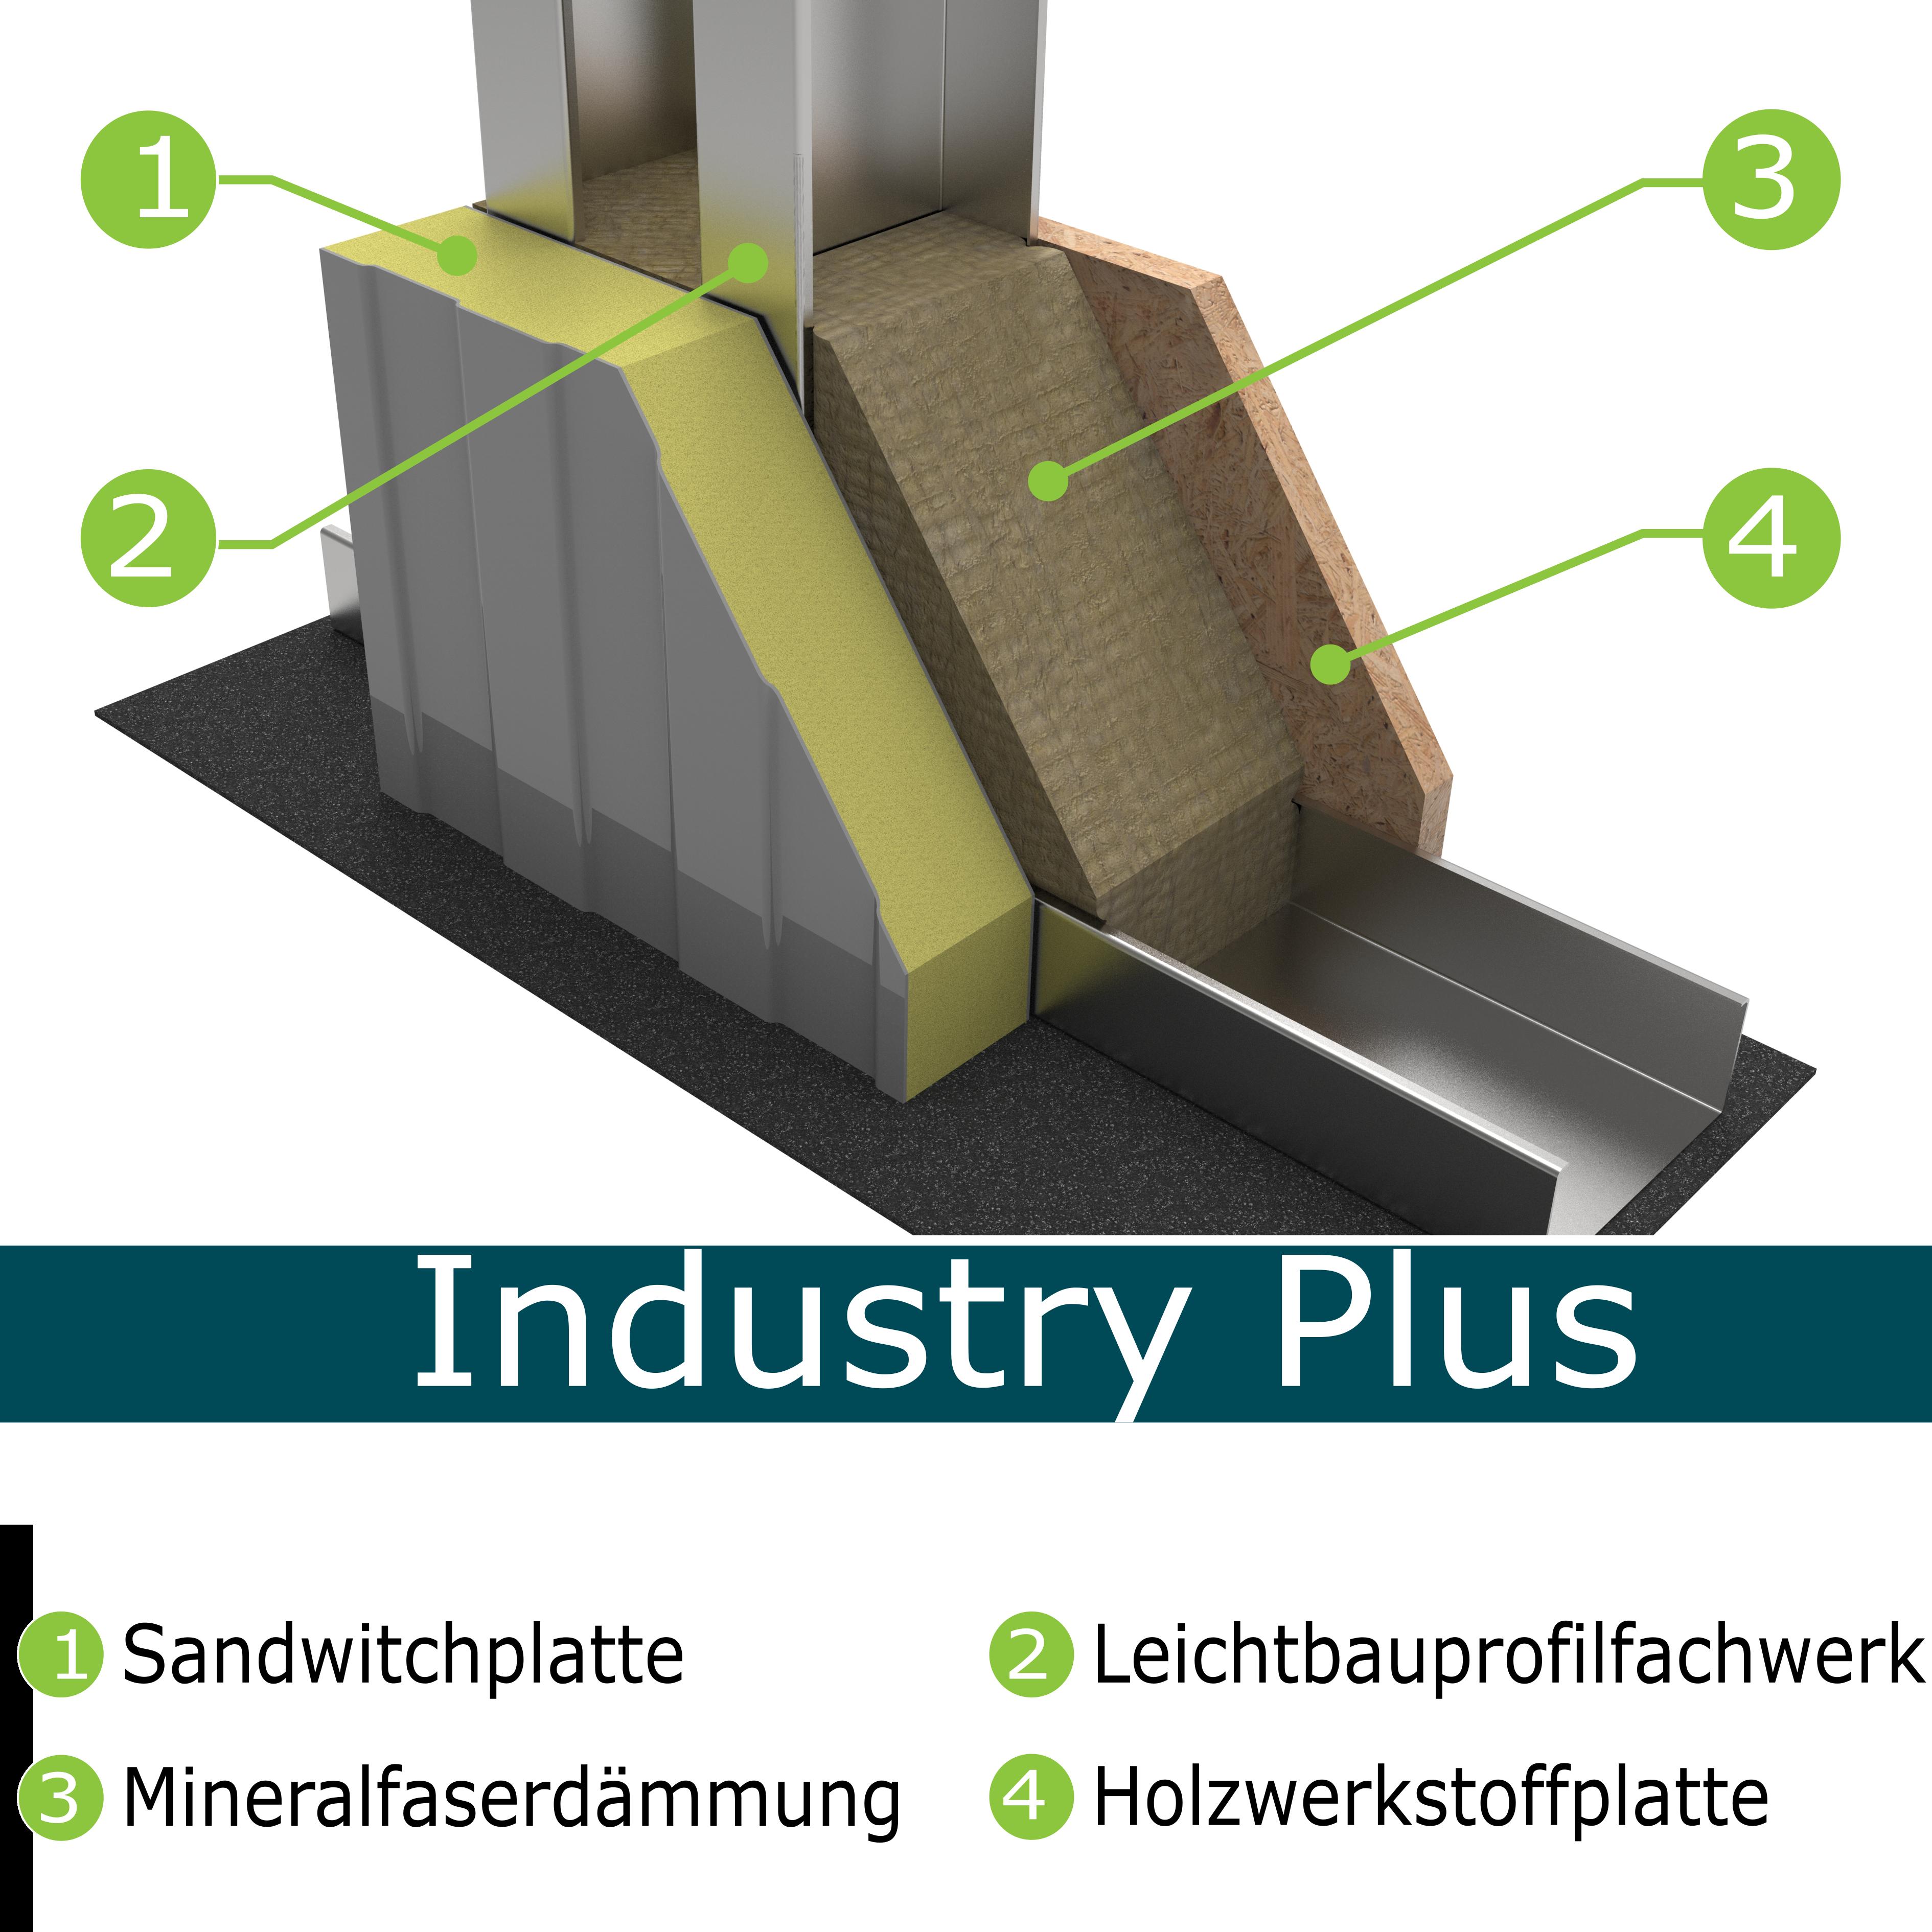 Hallenbau Industriehallen Ausführung Wandsystem Industry Plus EngGraph